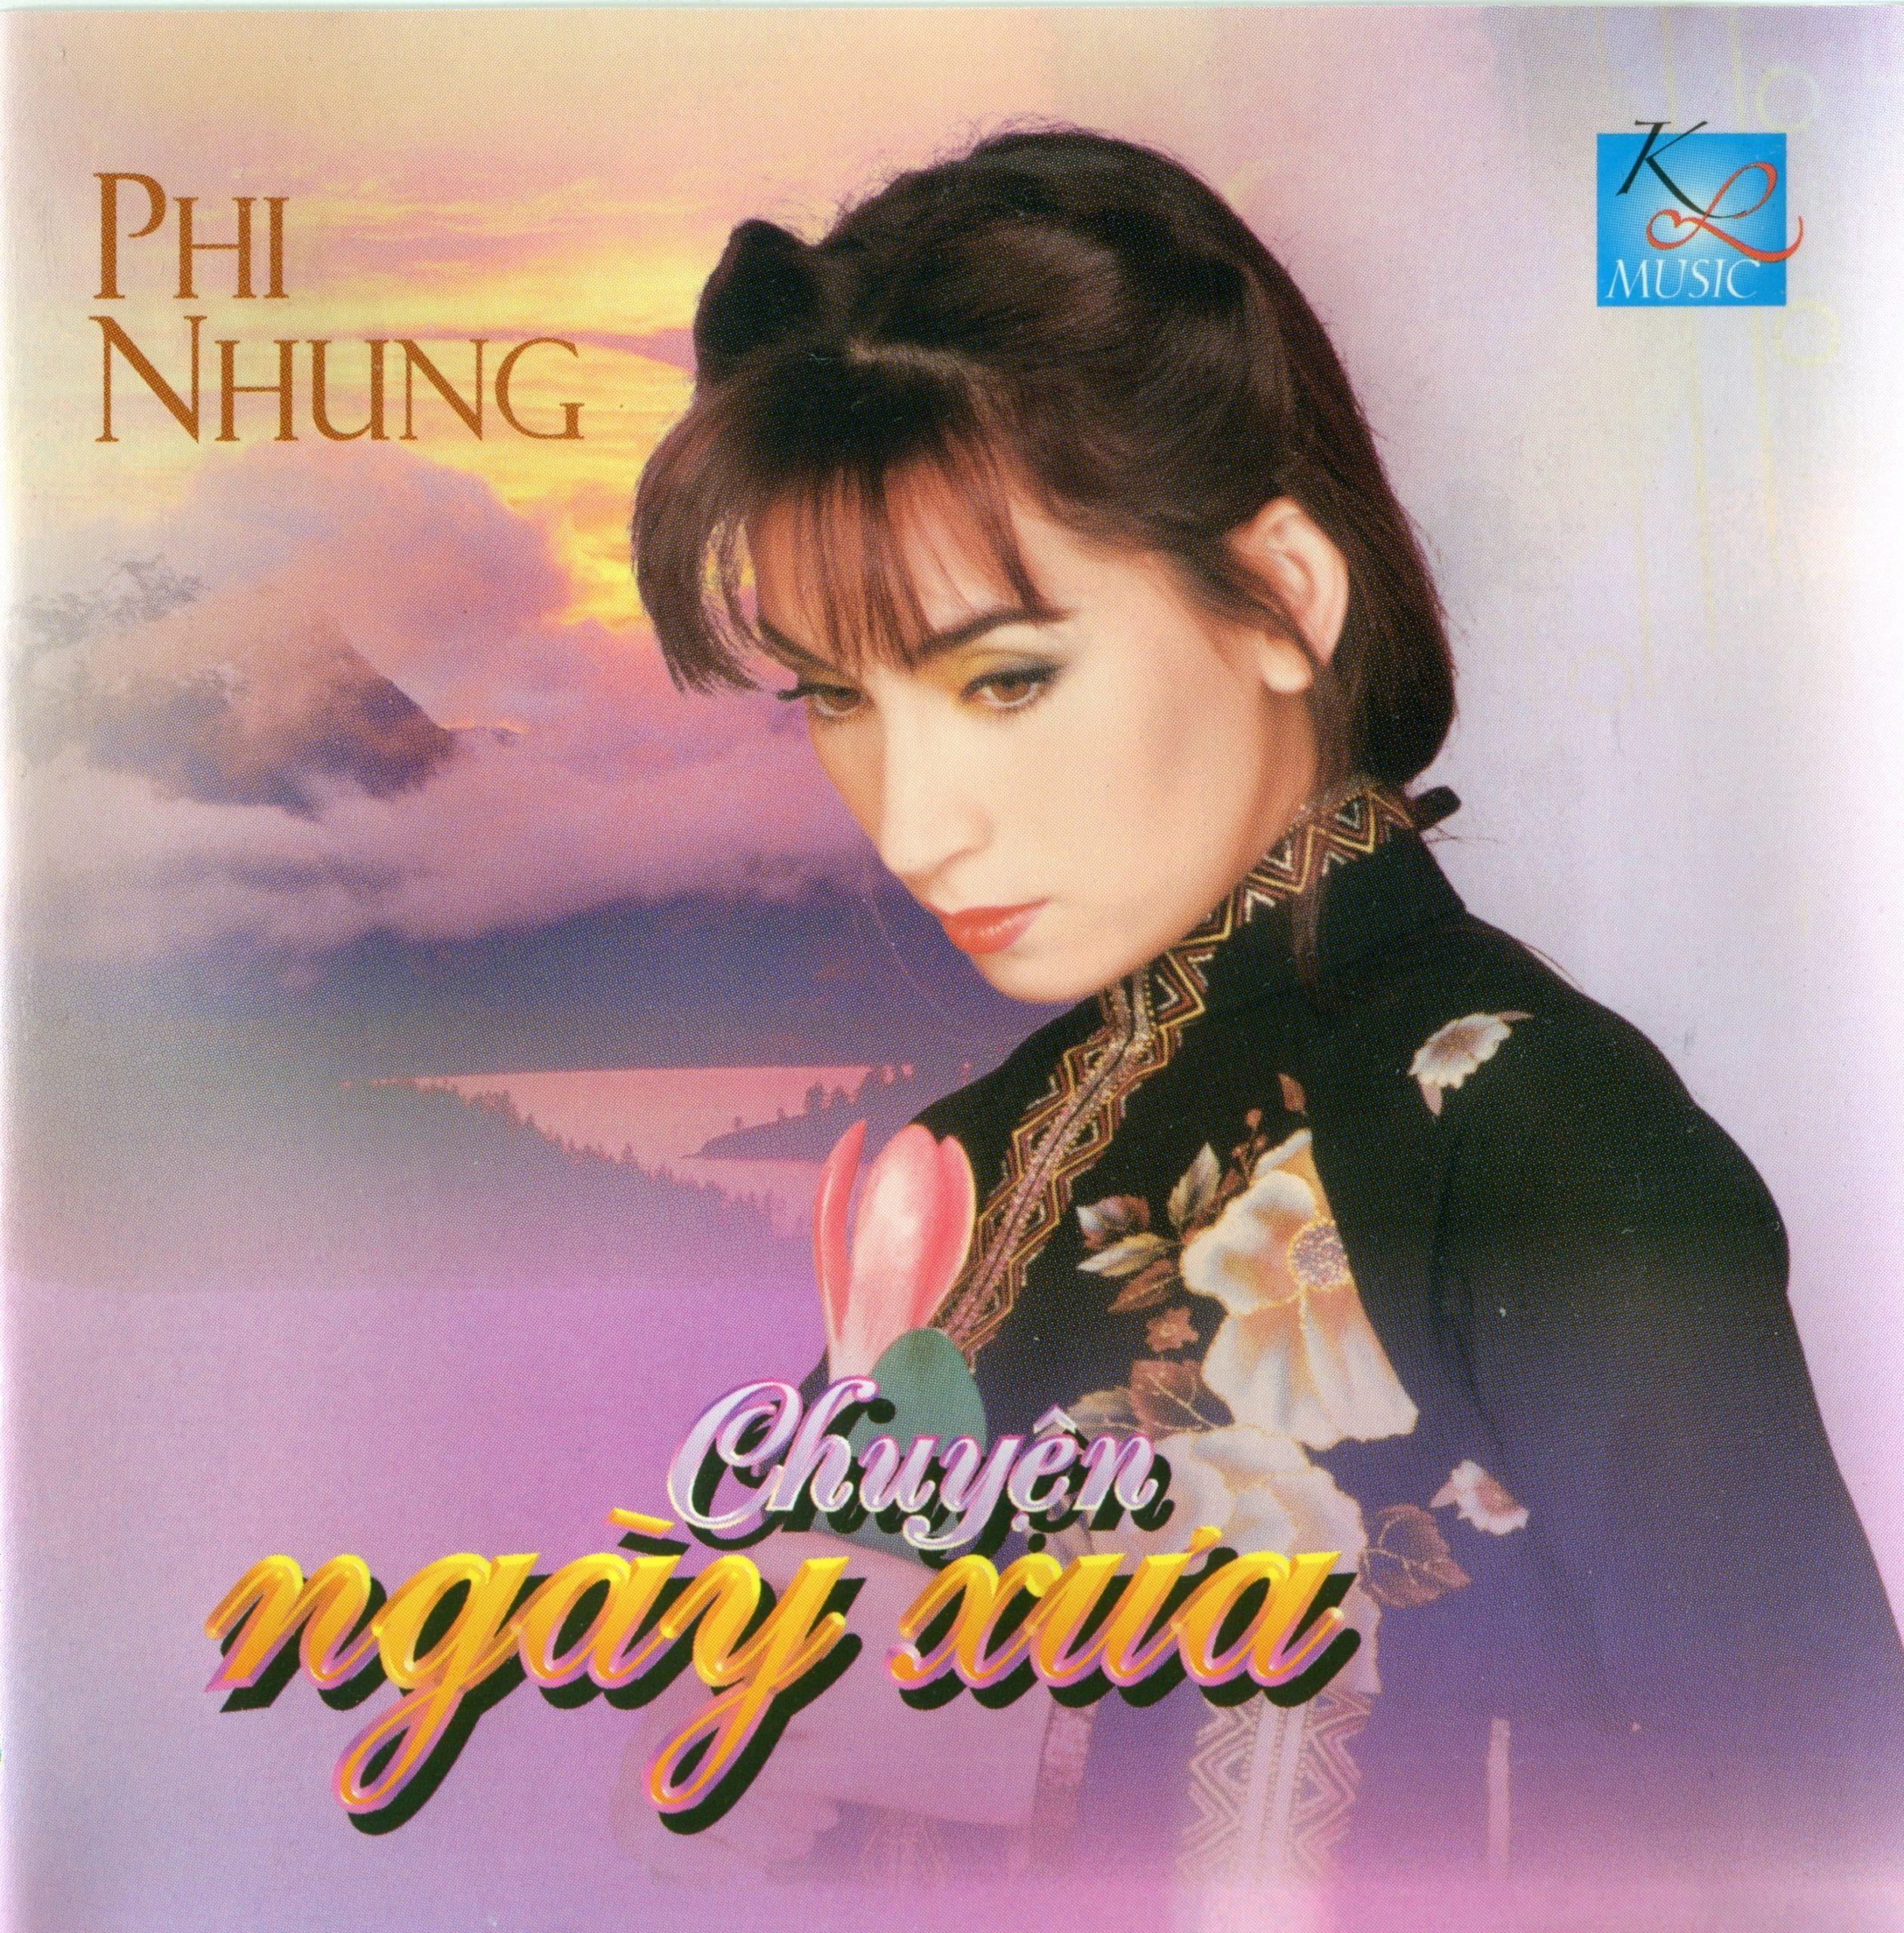 CD Chuyện ngày xưa – Phi Nhung